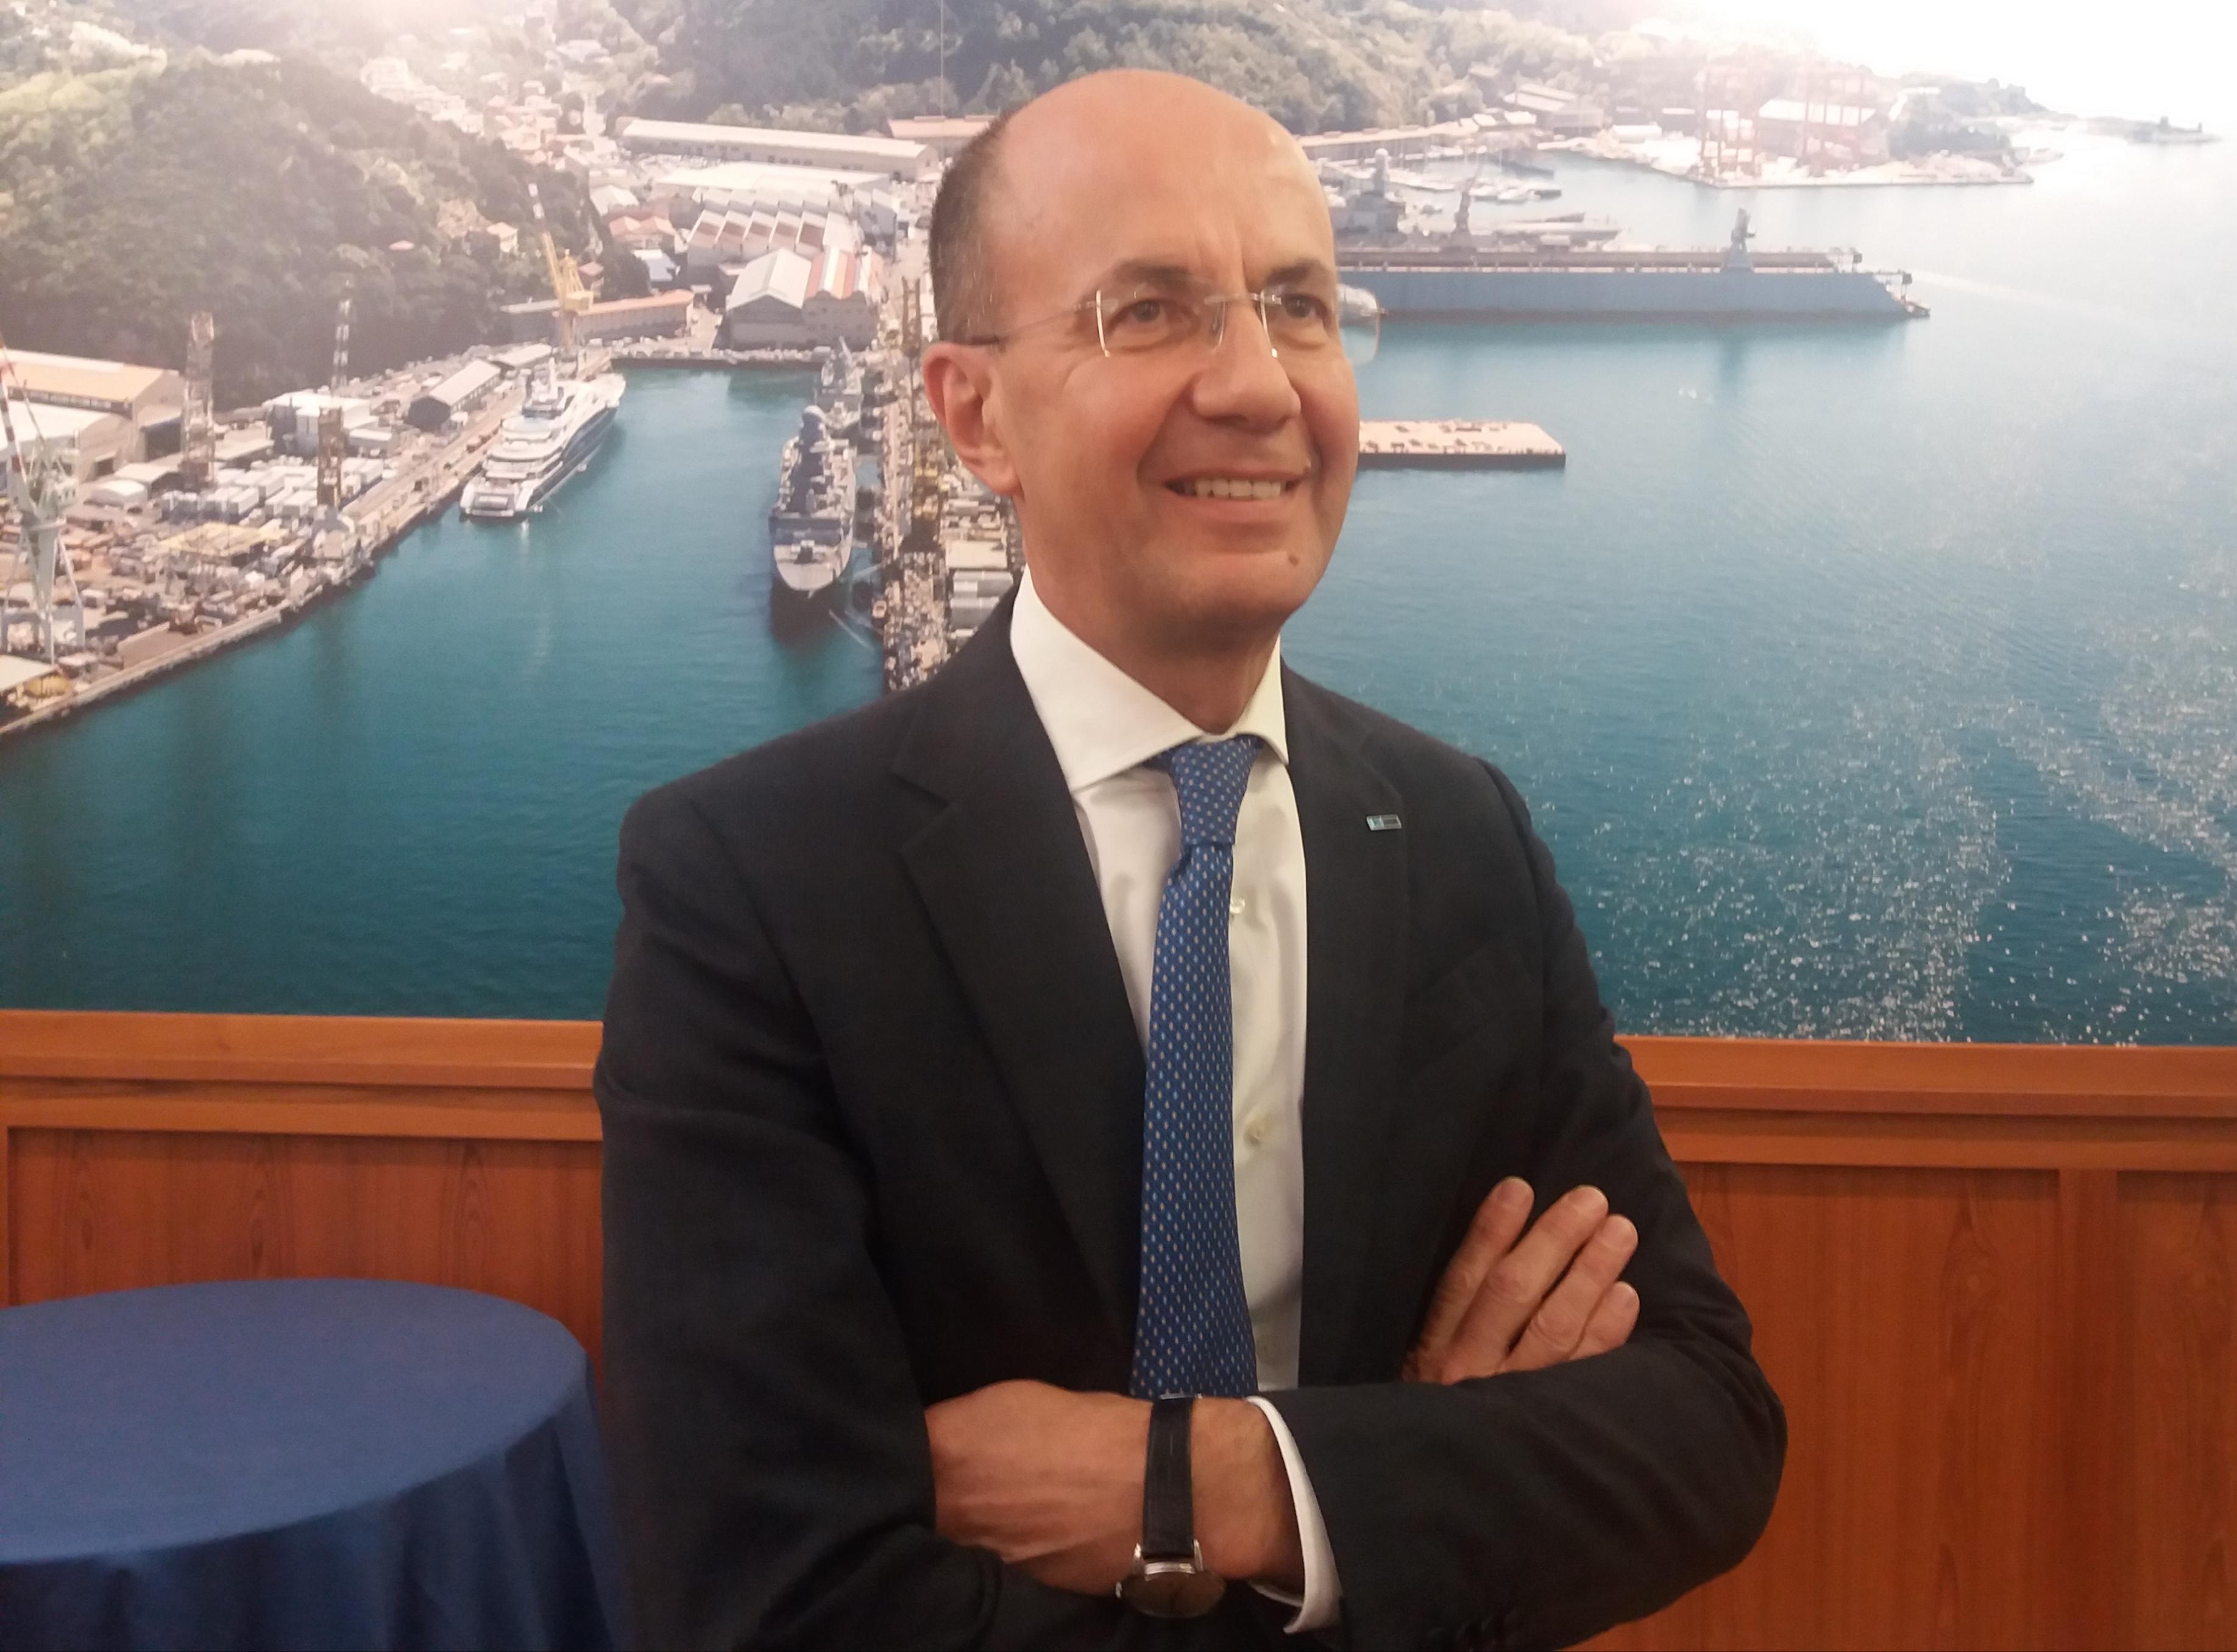 """Alberto Maestrini, directorul general Fincantieri: """"Dacă închizi şantierul naval Tulcea, închizi Fincantieri. Nu am mai putea livra nave de croazieră"""""""